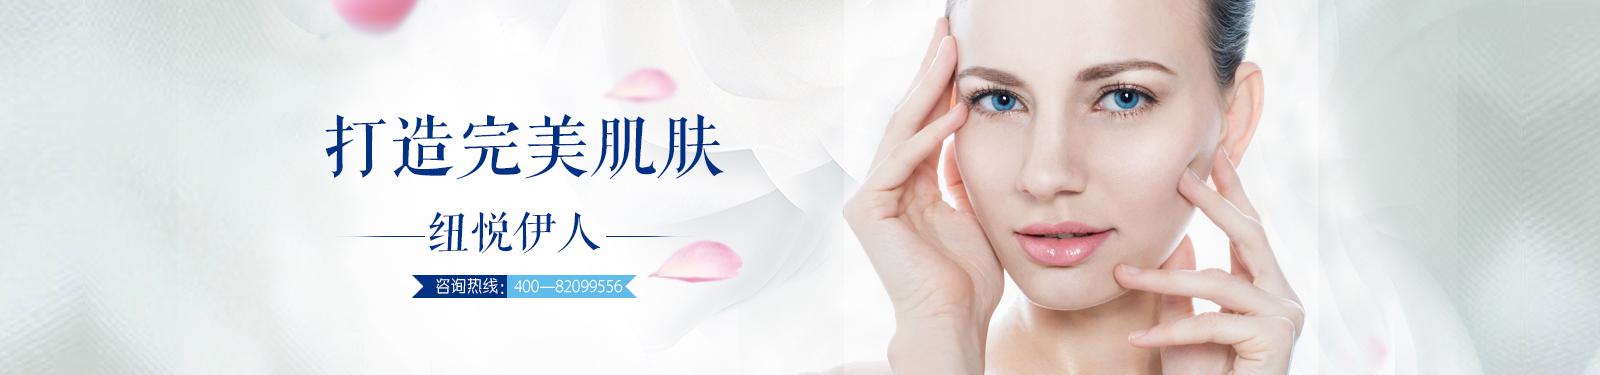 专业护肤中心